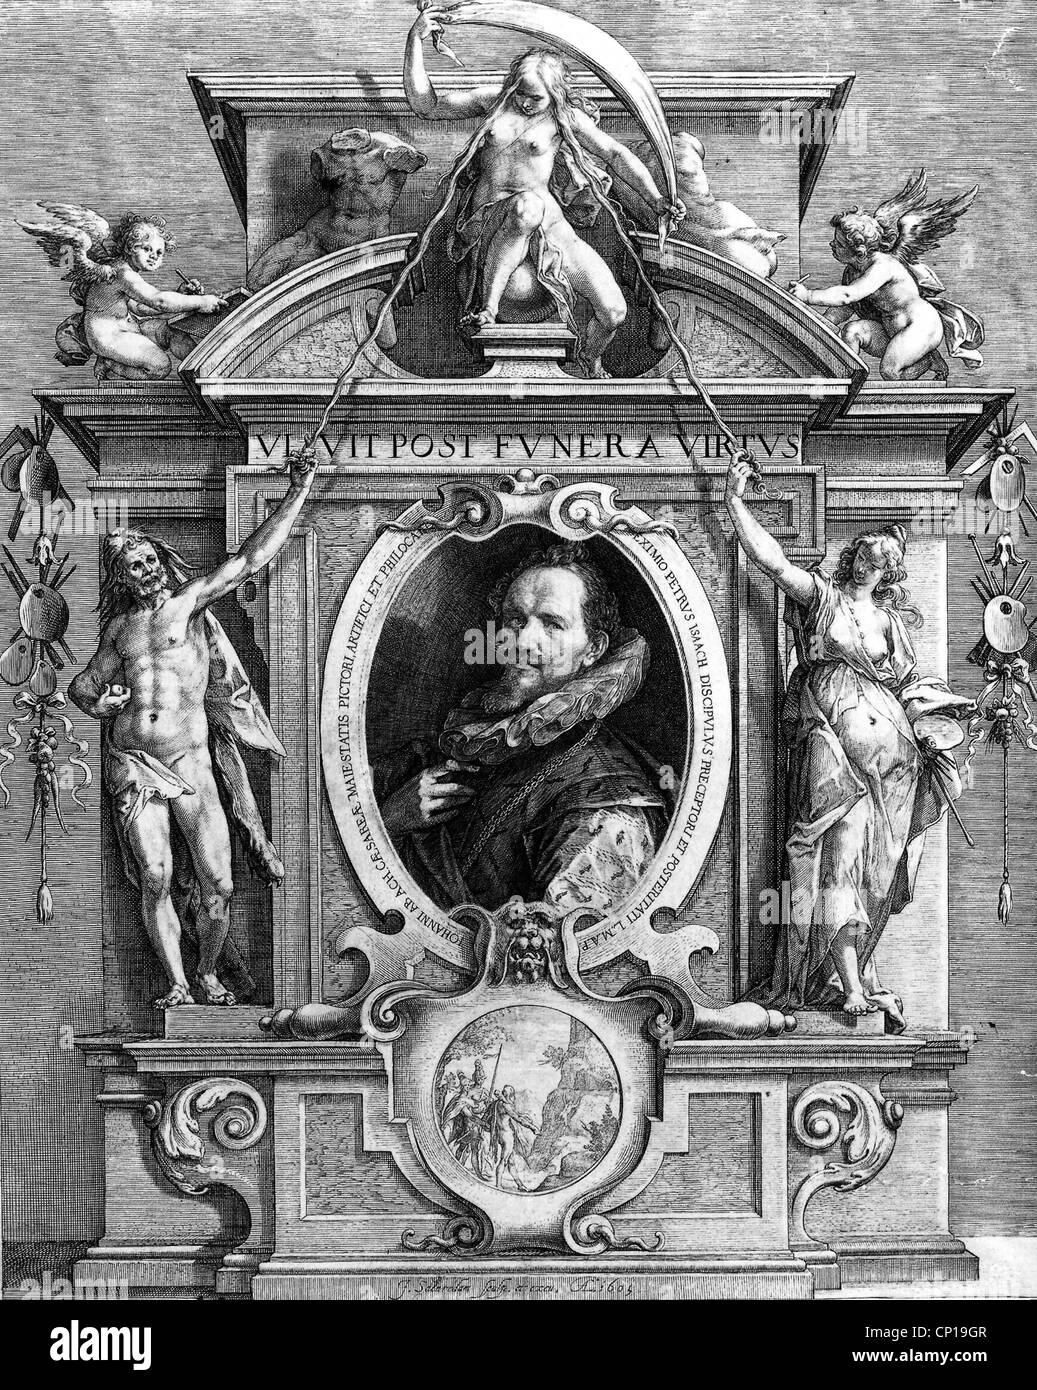 fine arts, Saenredam, Jan, circa 1565 - 1607, portrait of Hans von Aachen, copper engraving, 1605, allegory, allegories, - Stock Image